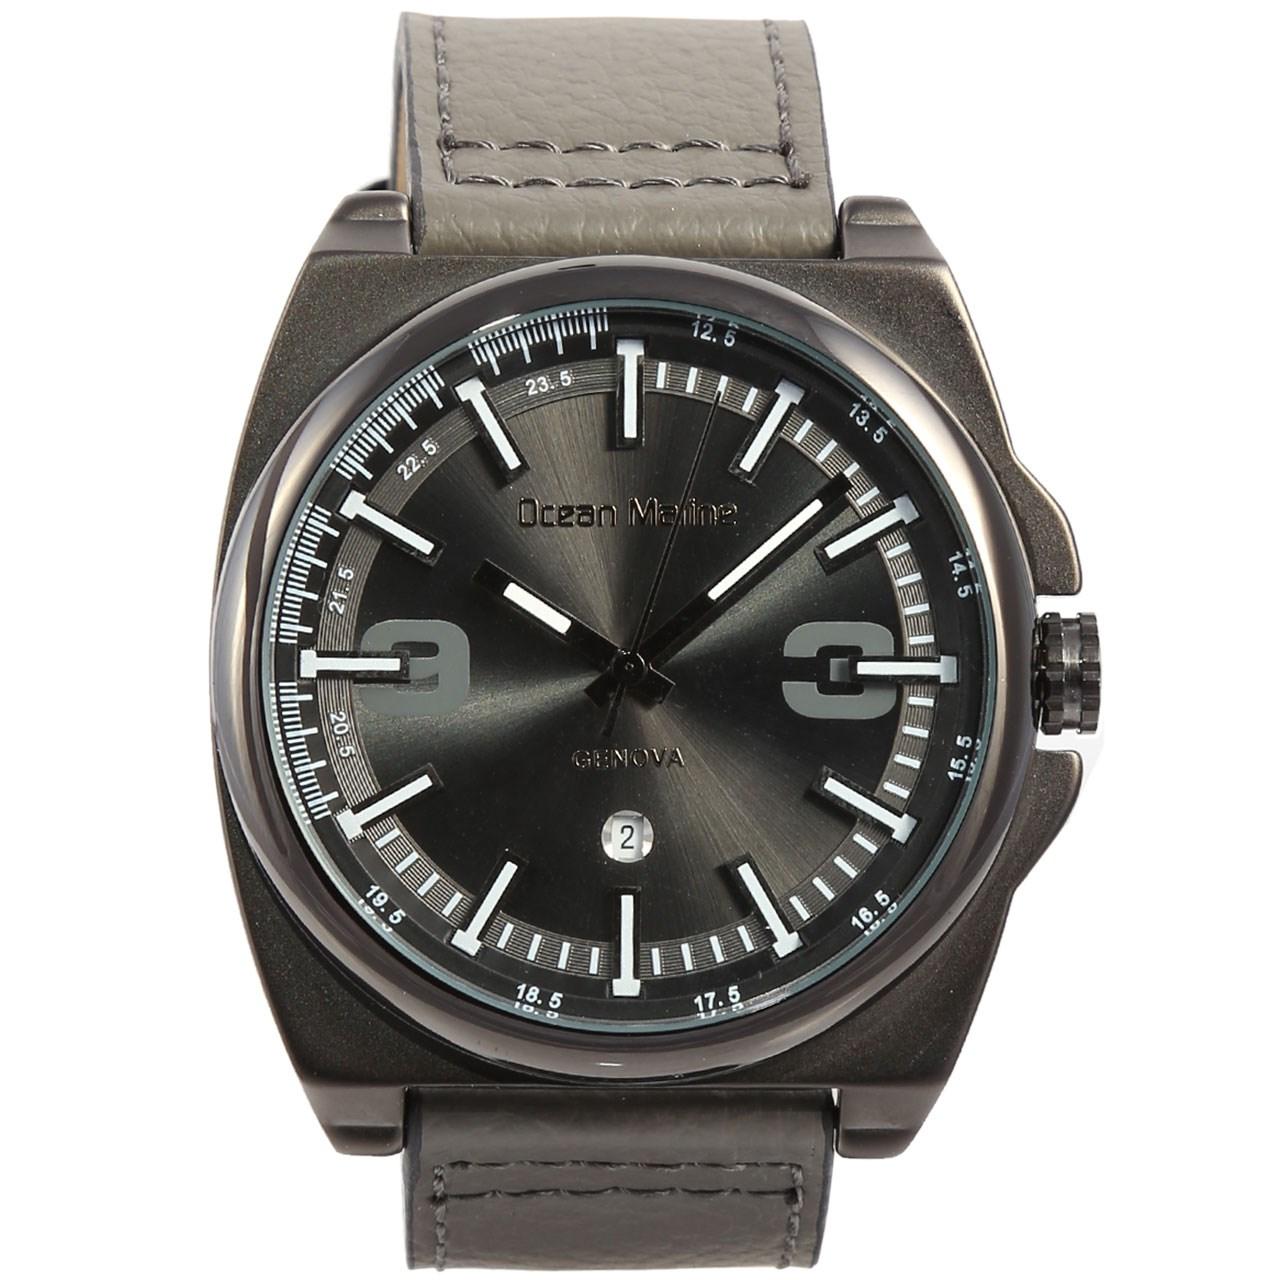 ساعت مچی عقربه ای مردانه اوشن مارین مدل OM-8010-6